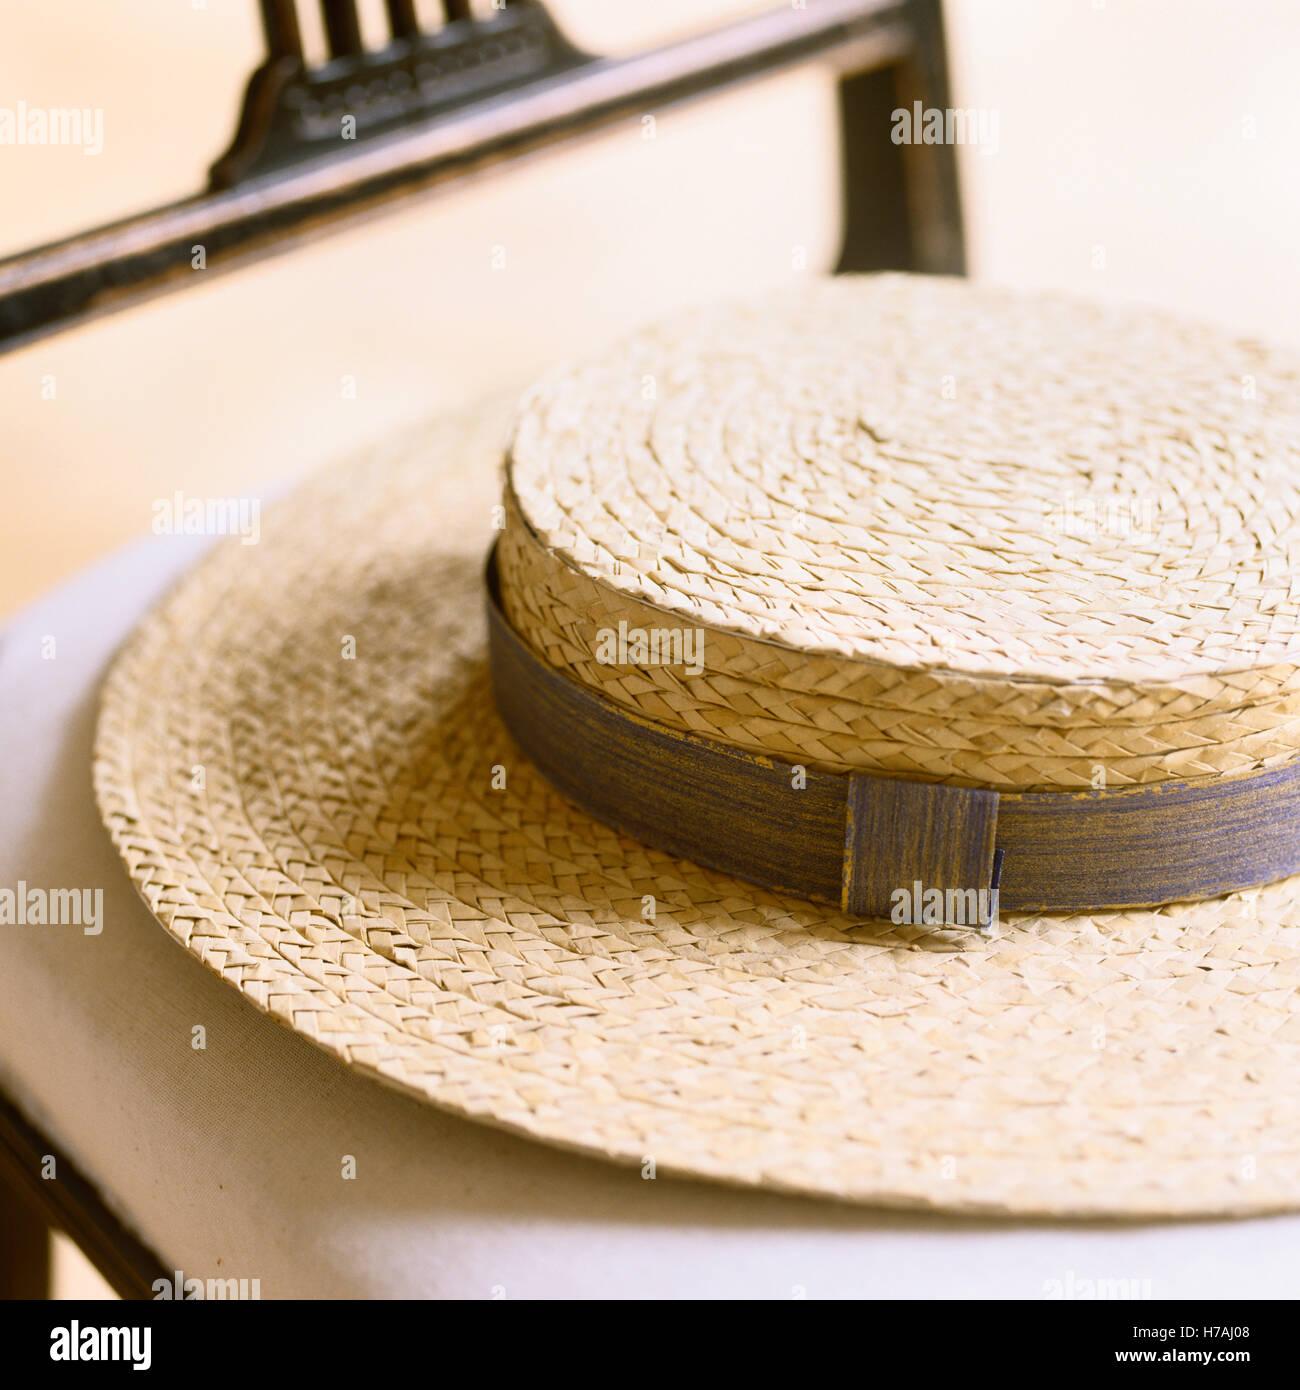 Canotier de paille chapeau à ruban, réplique historique par Isabelle de Borchgrave Photo Stock